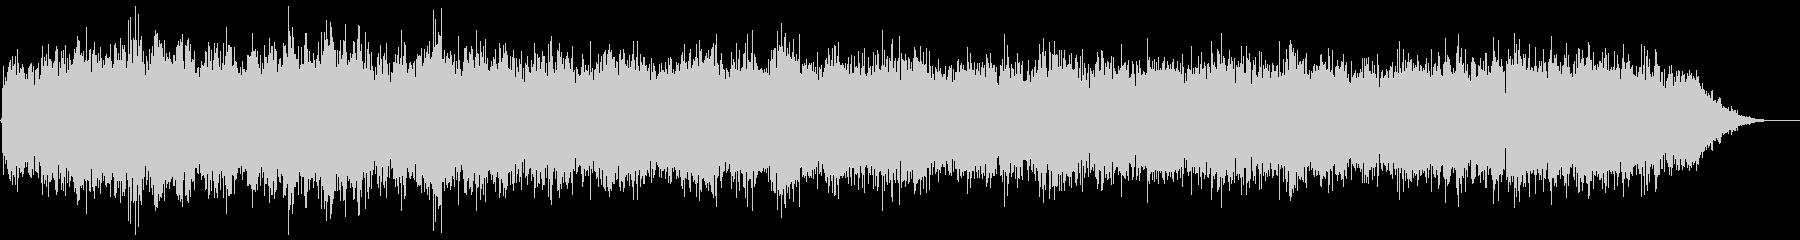 【ダークアンビエント】シーンBGM_04の未再生の波形